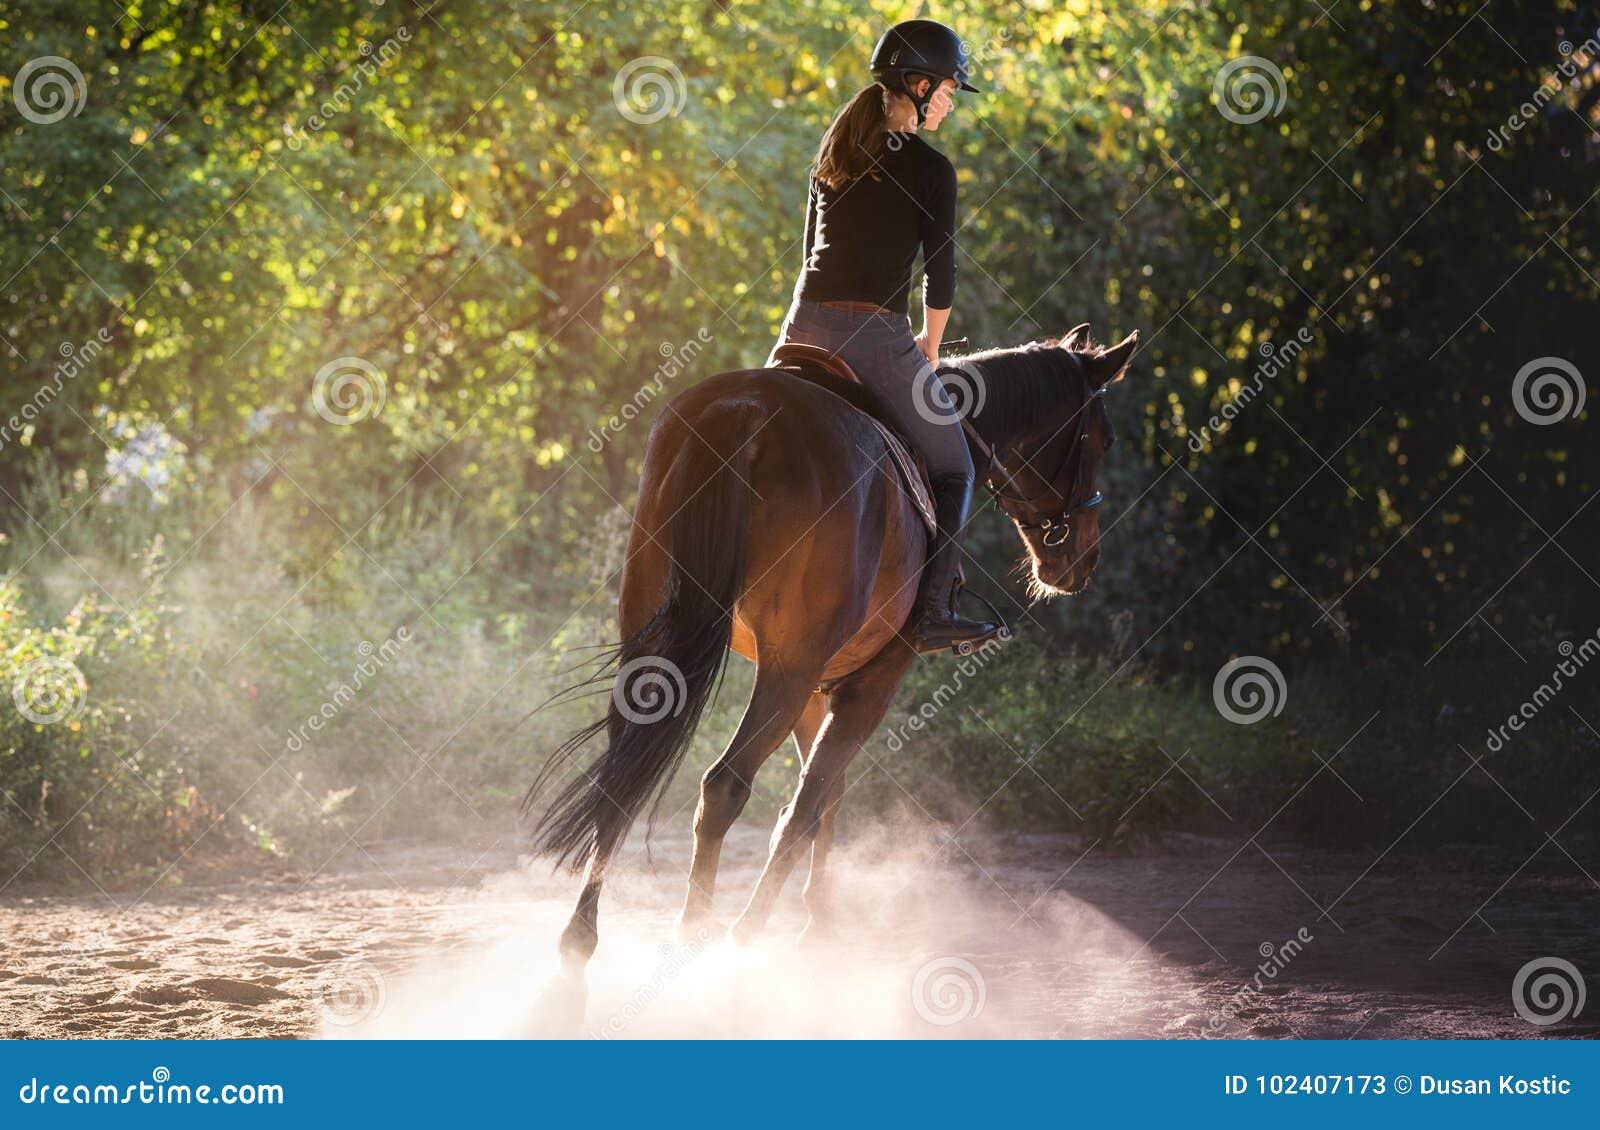 Jeune jolie fille montant un cheval avec les feuilles rétro-éclairées derrière